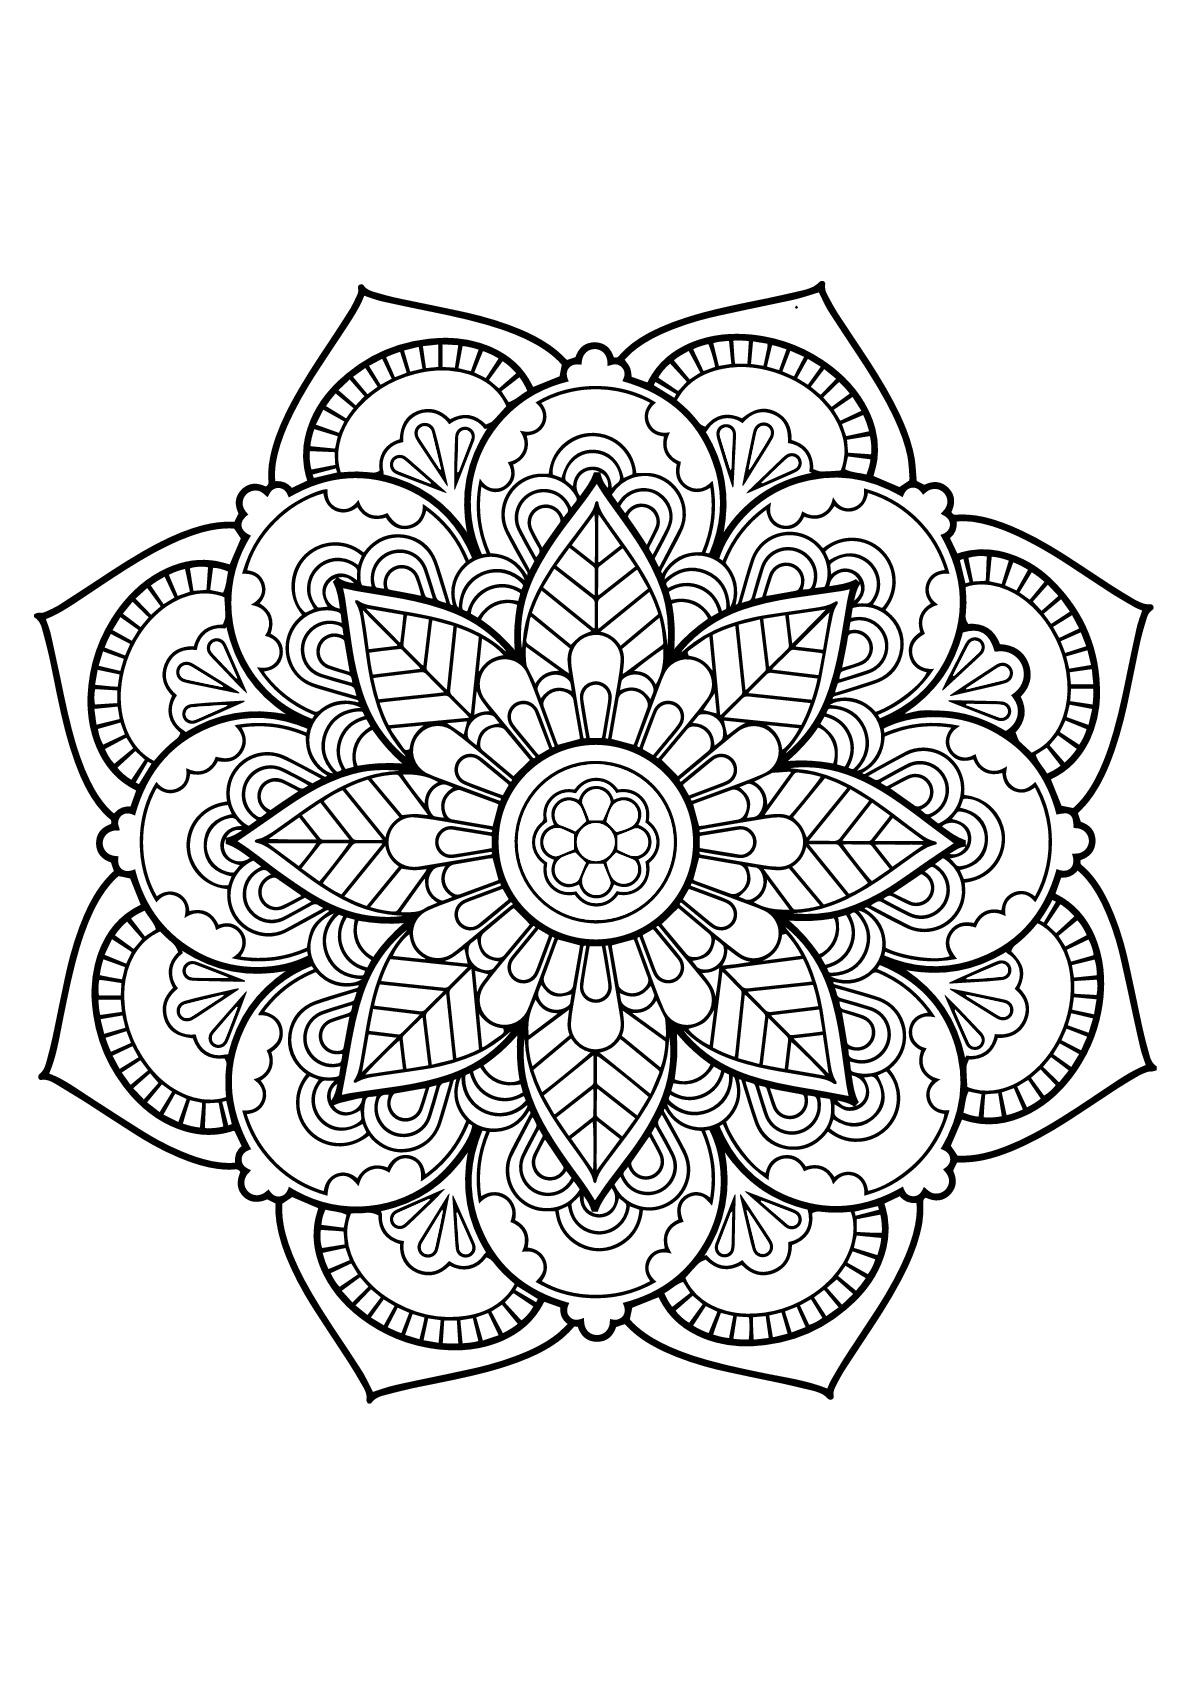 Mandala livre gratuit 22 mandalas coloriages difficiles pour adultes - Dessins de mandala ...